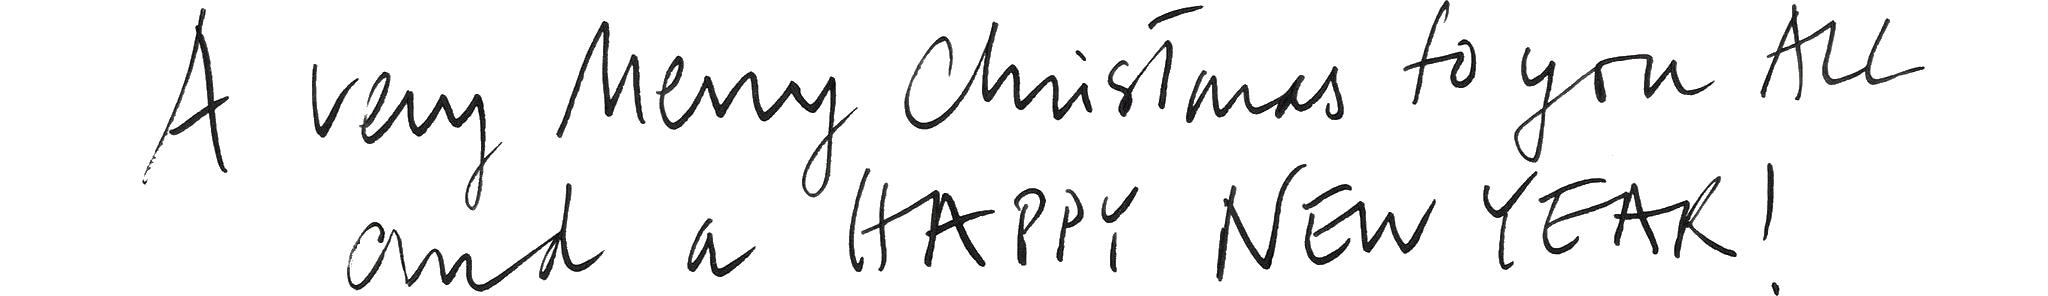 HAppy christmas 3.jpeg